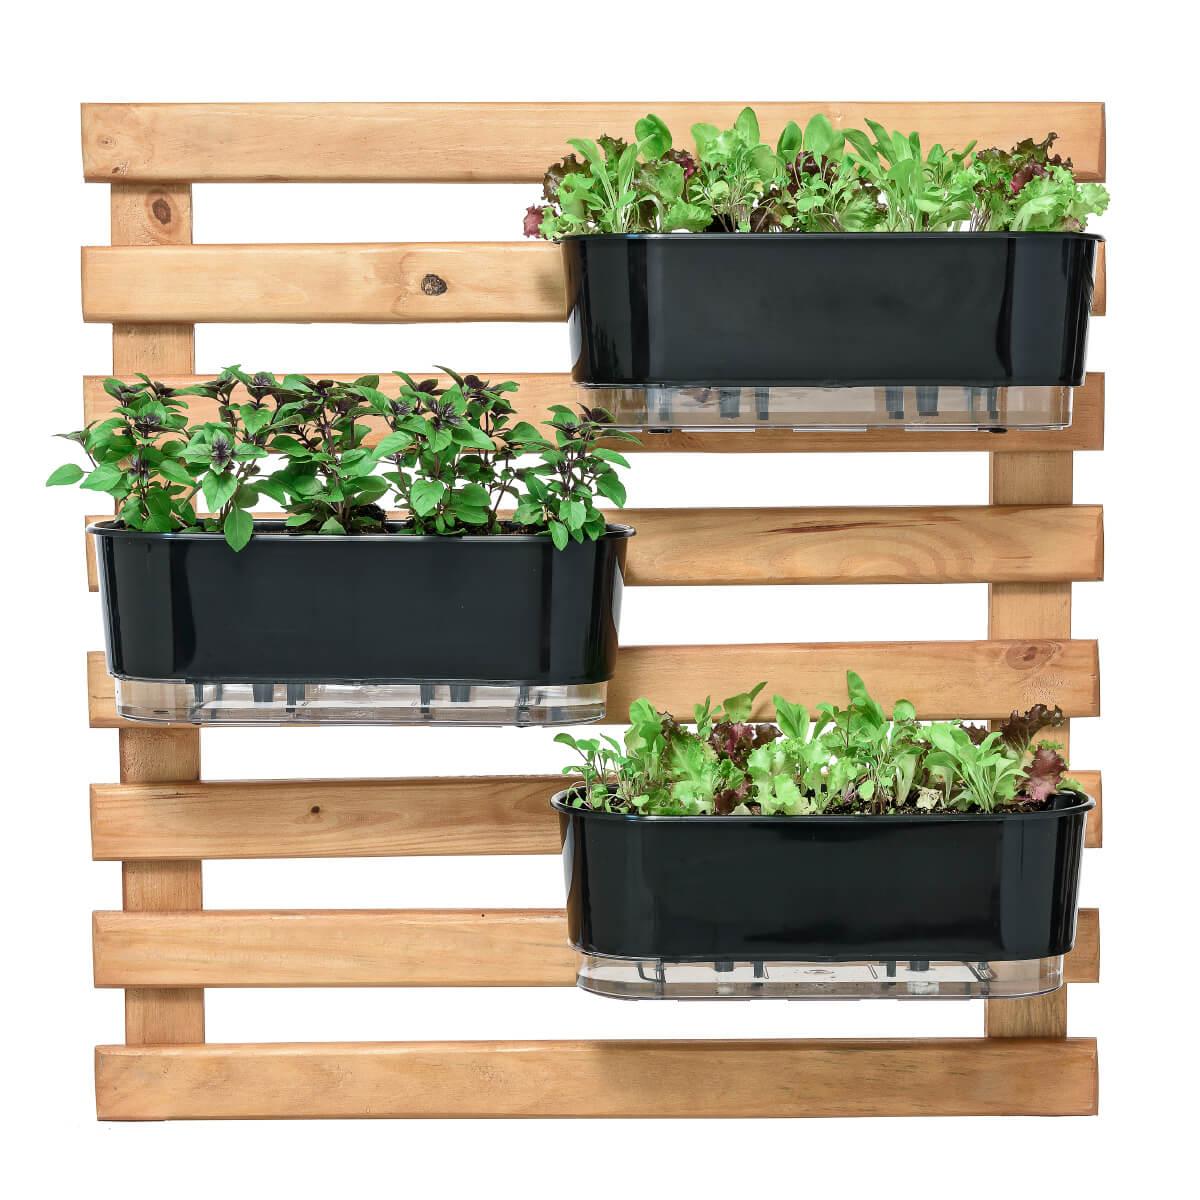 Horta Vertical Caramelo 80cm x 80cm com 3 Jardineiras  - Loja Raiz